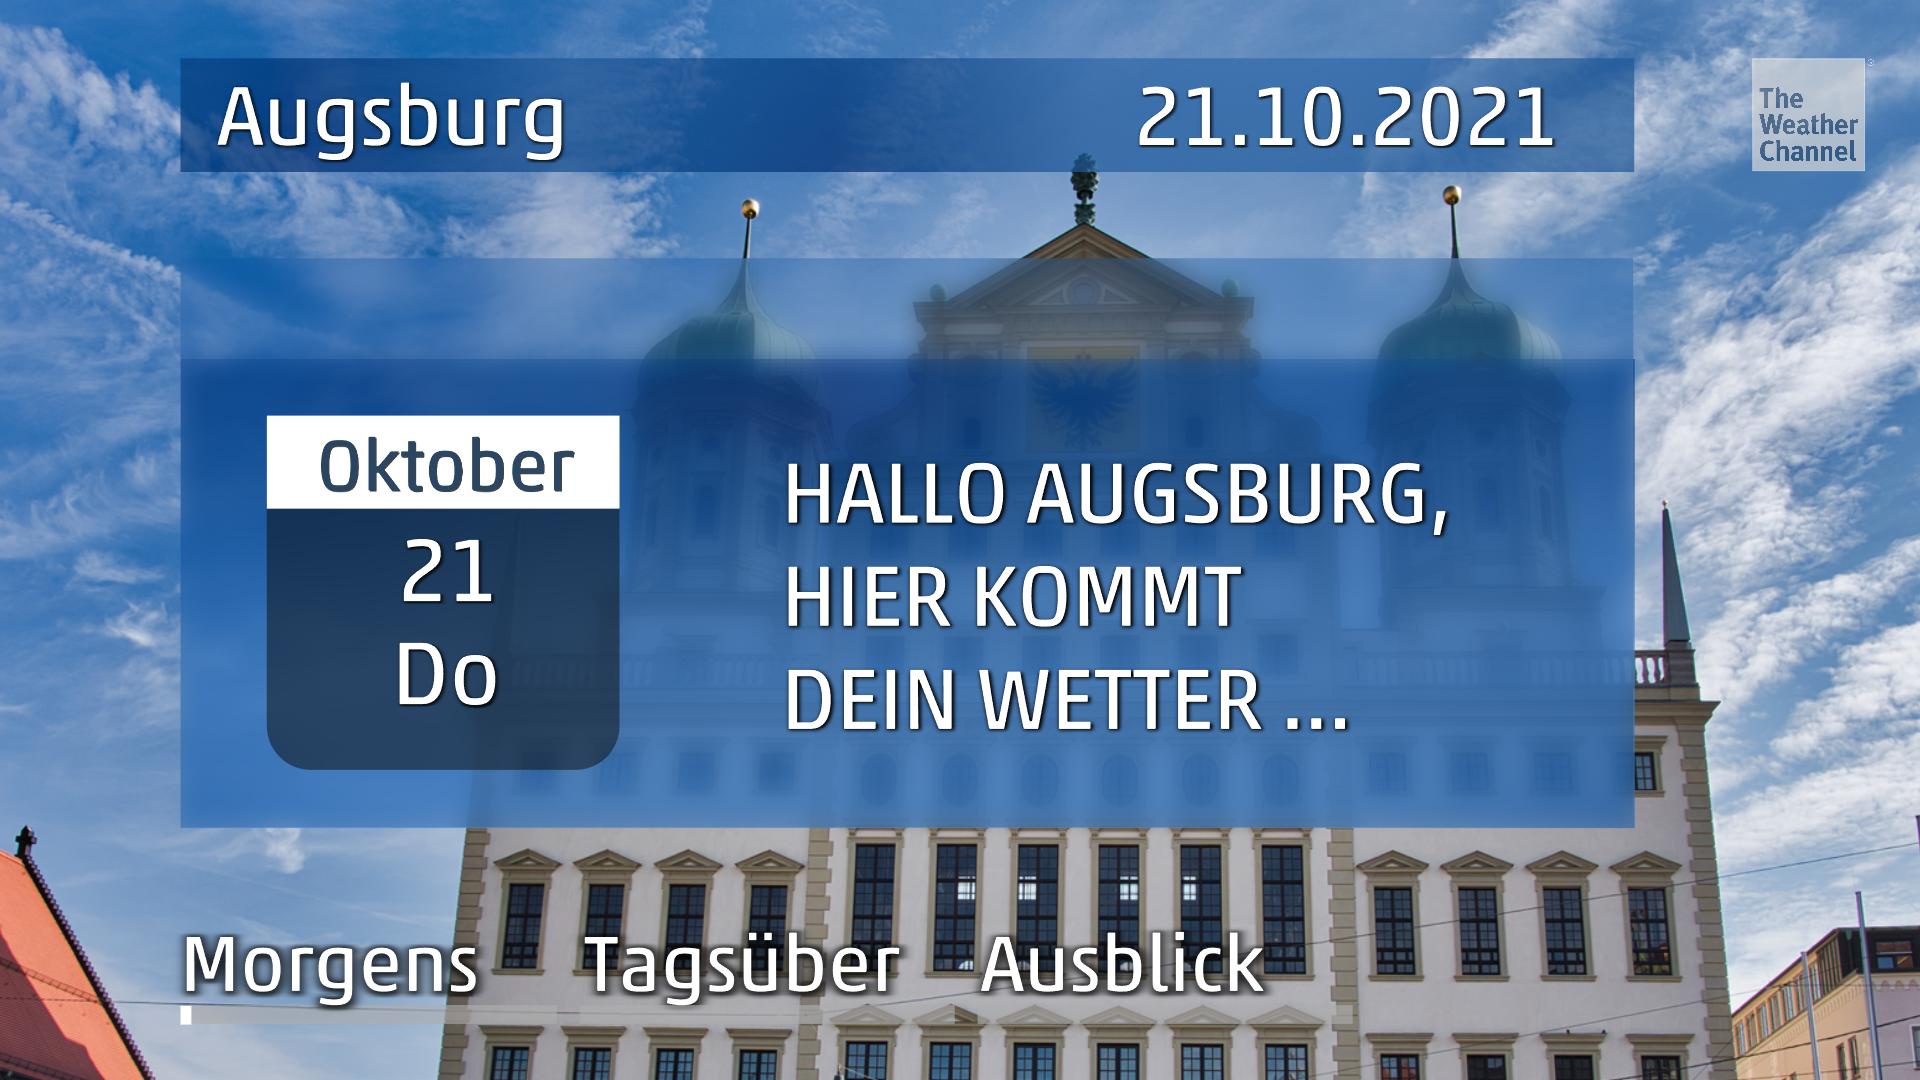 Das Wetter für Augsburg am Donnerstag, den 21.10.2021 – Wetterdienst warnt vor Sturm